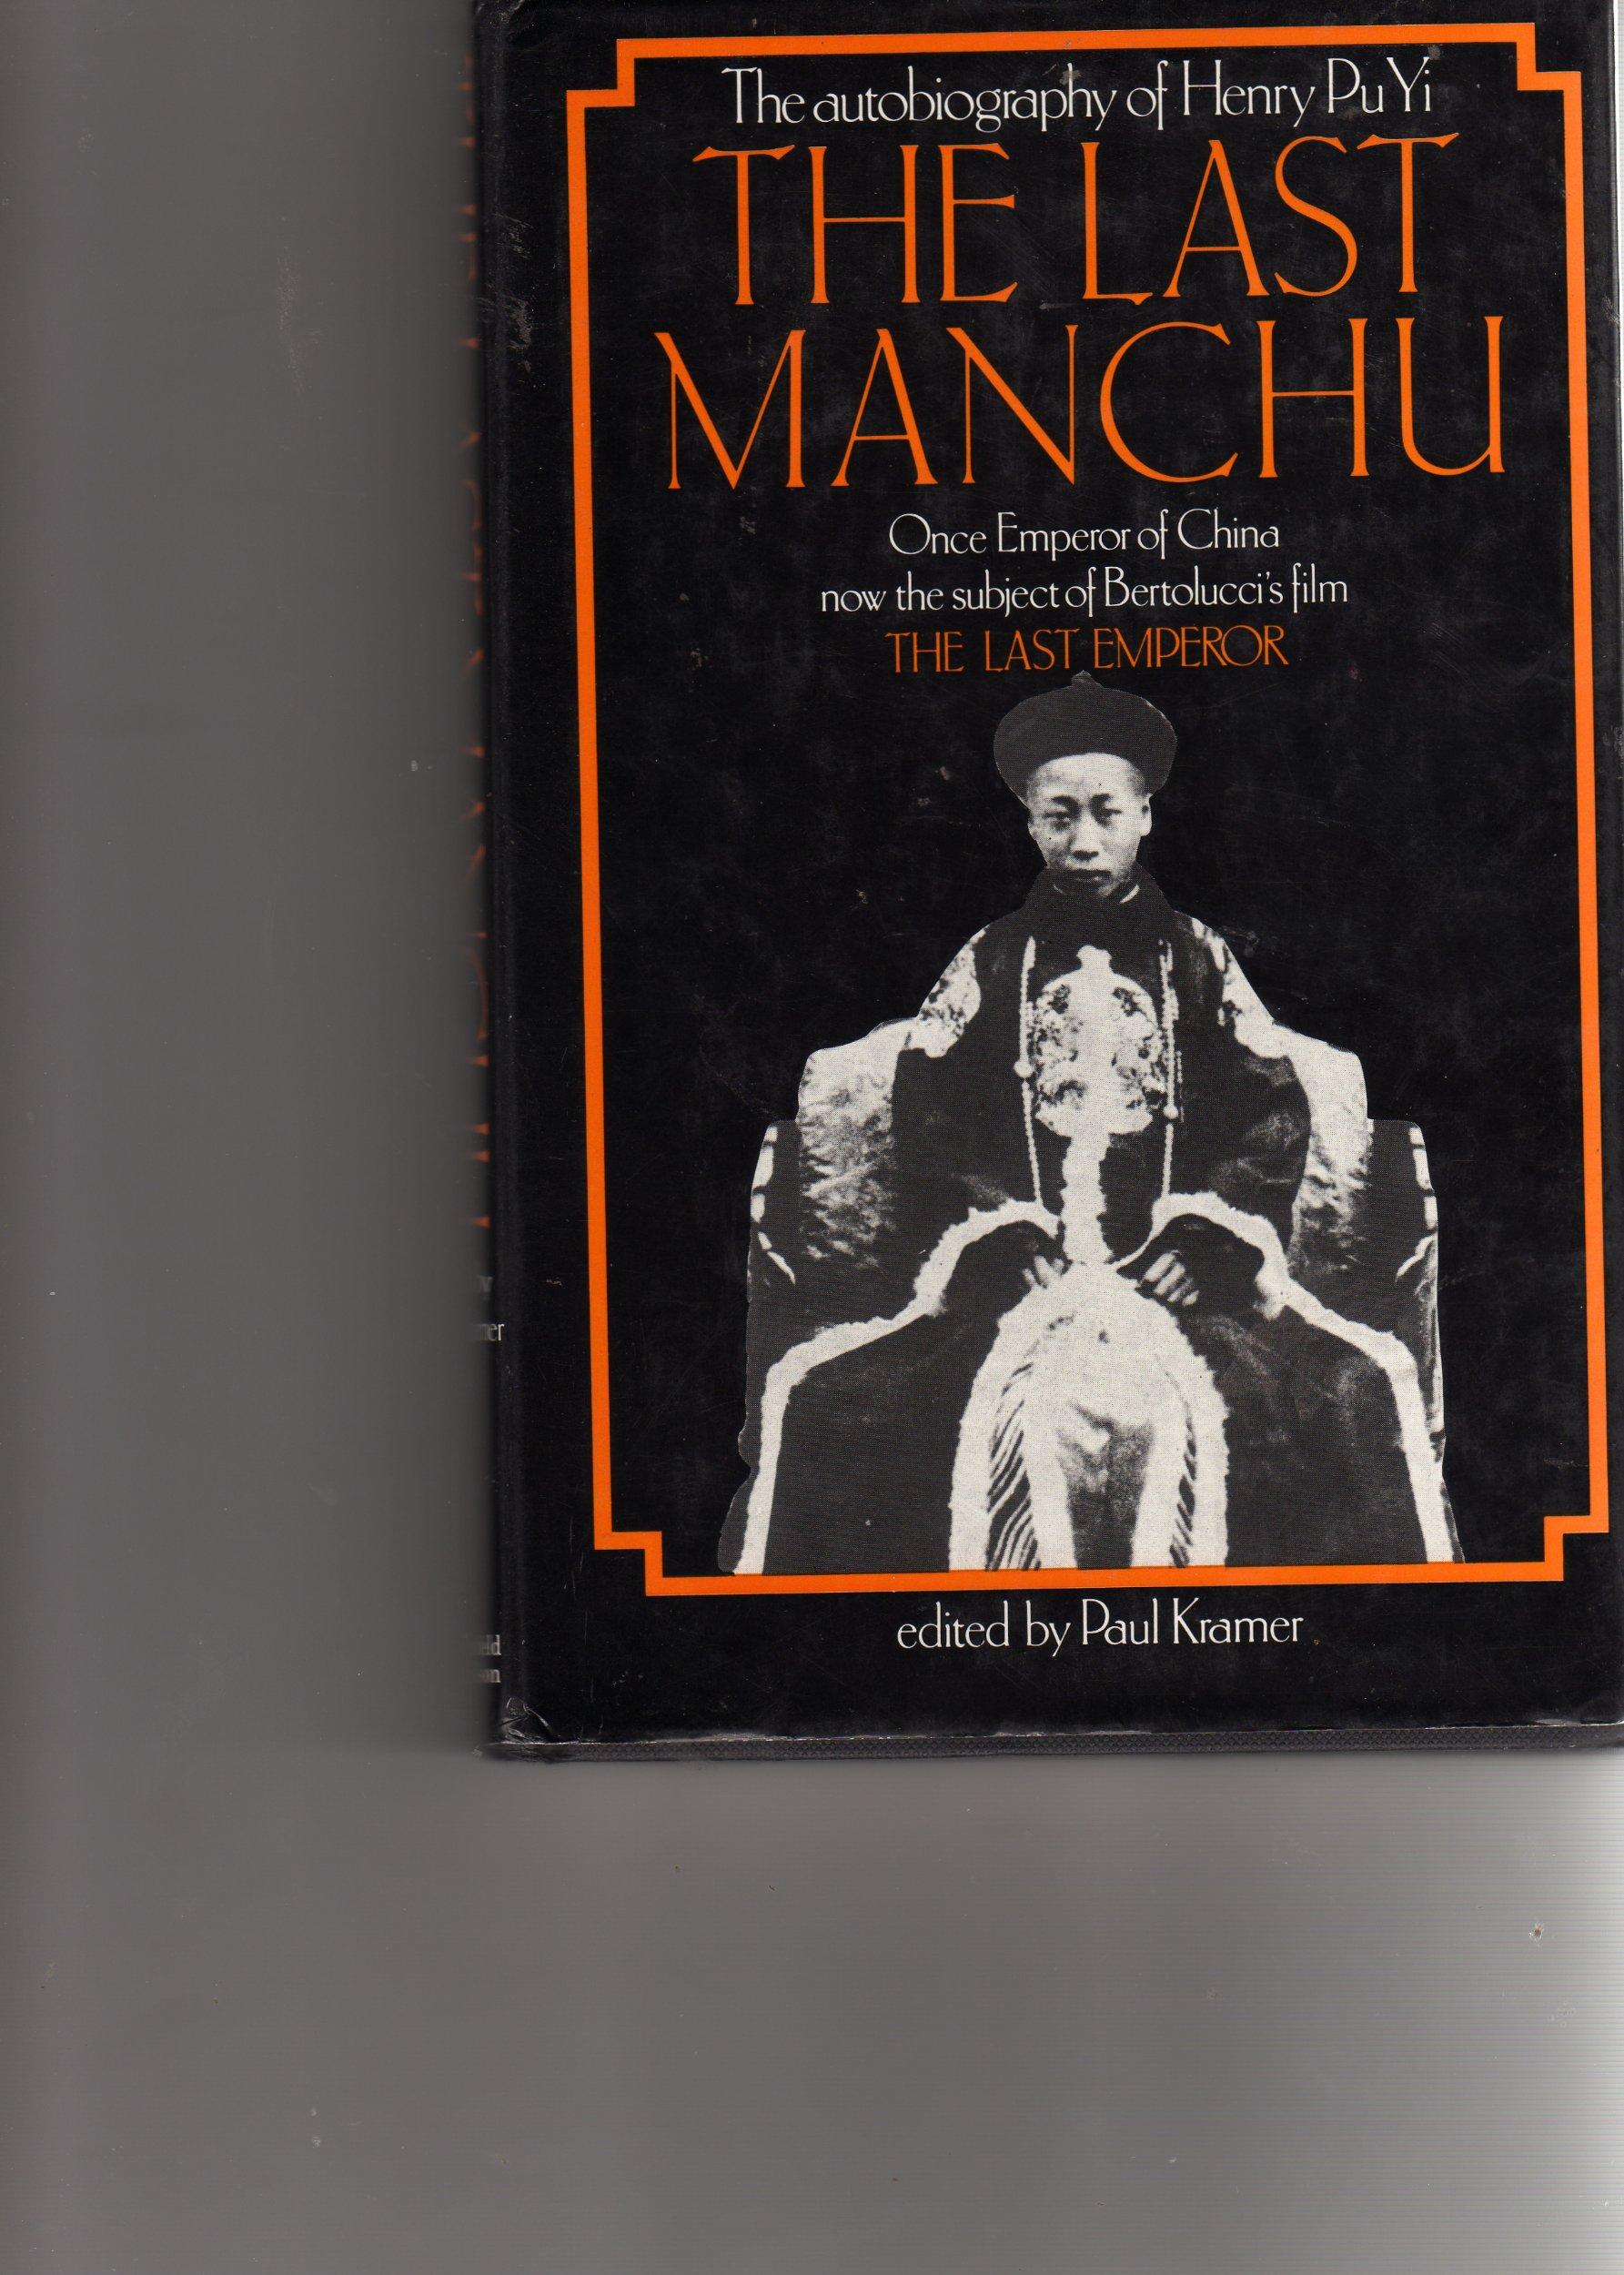 The Last Manchu The autobiography of Henry Pu Yi: Henry Pu Yi, Paul Kramer,  Kuo Ying Paul Tsai: Amazon.com: Books